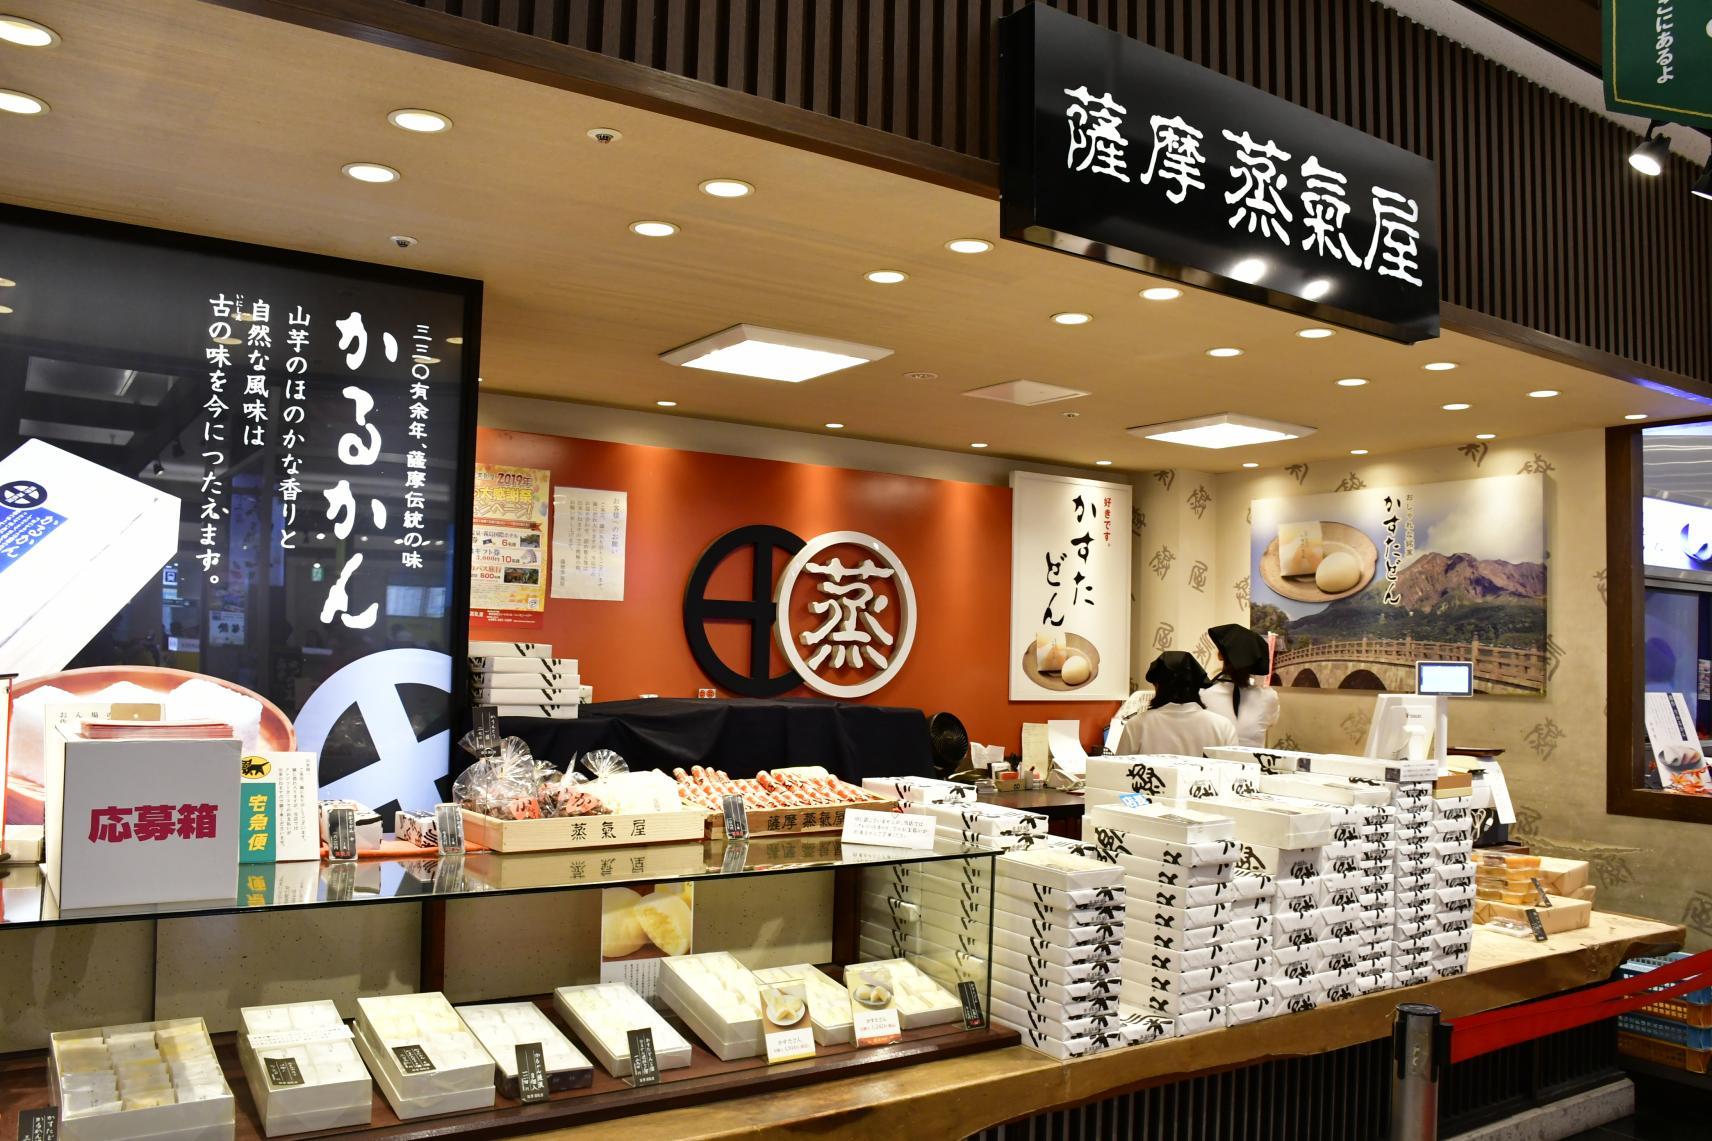 薩摩蒸気屋 JR鹿児島中央駅店-1